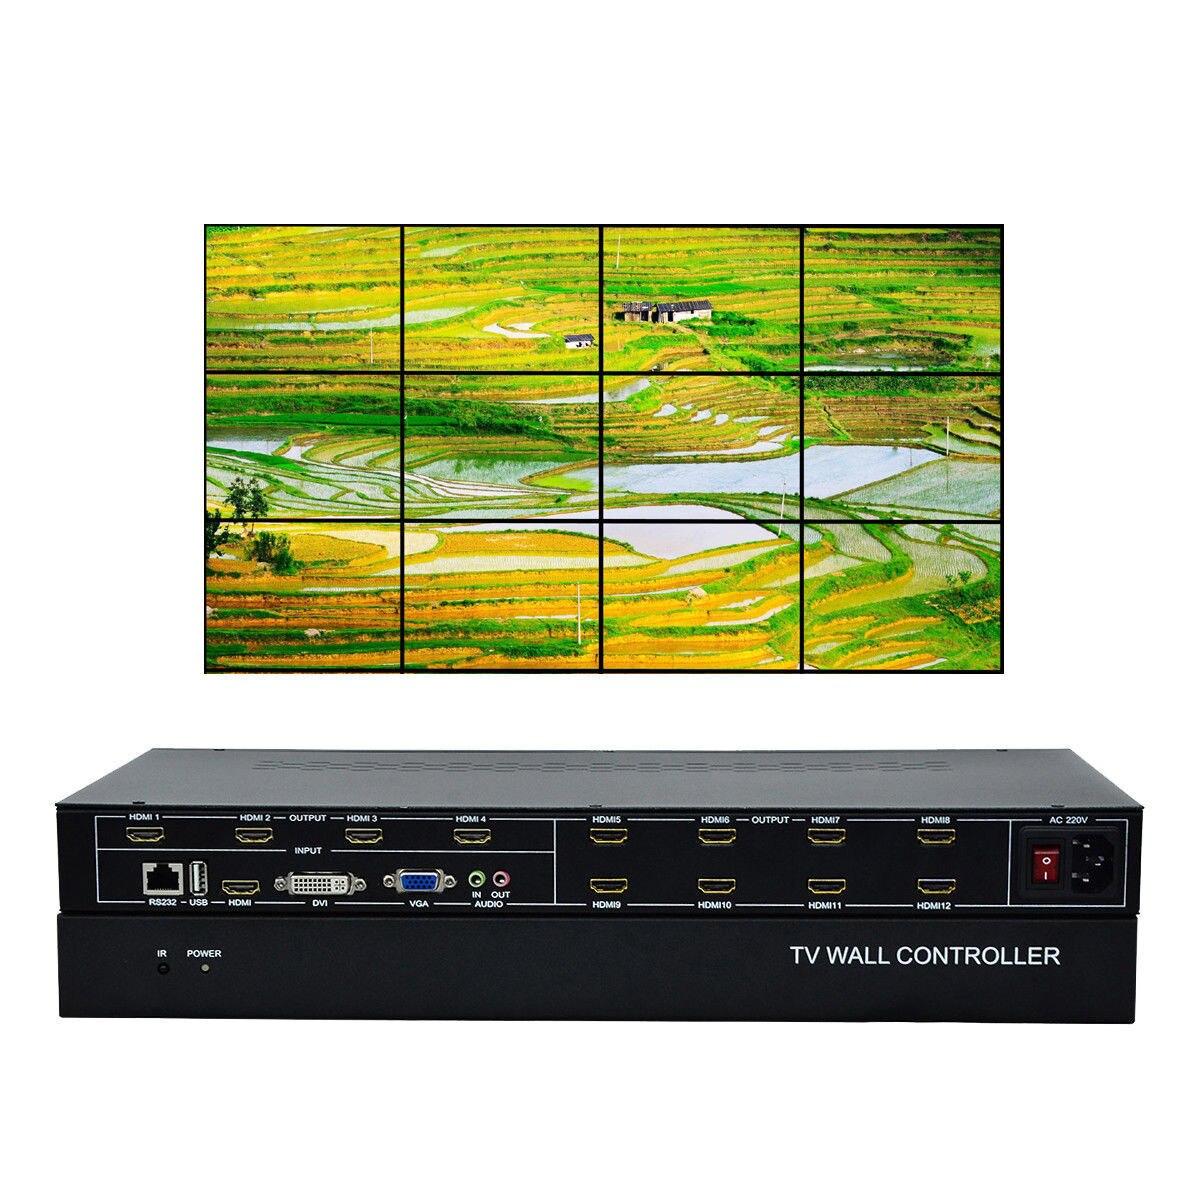 ESZYM 12 Canali TV Controller Video Wall 3x4 2x6 2x5 HDMI DVI VGA USB Processore Video